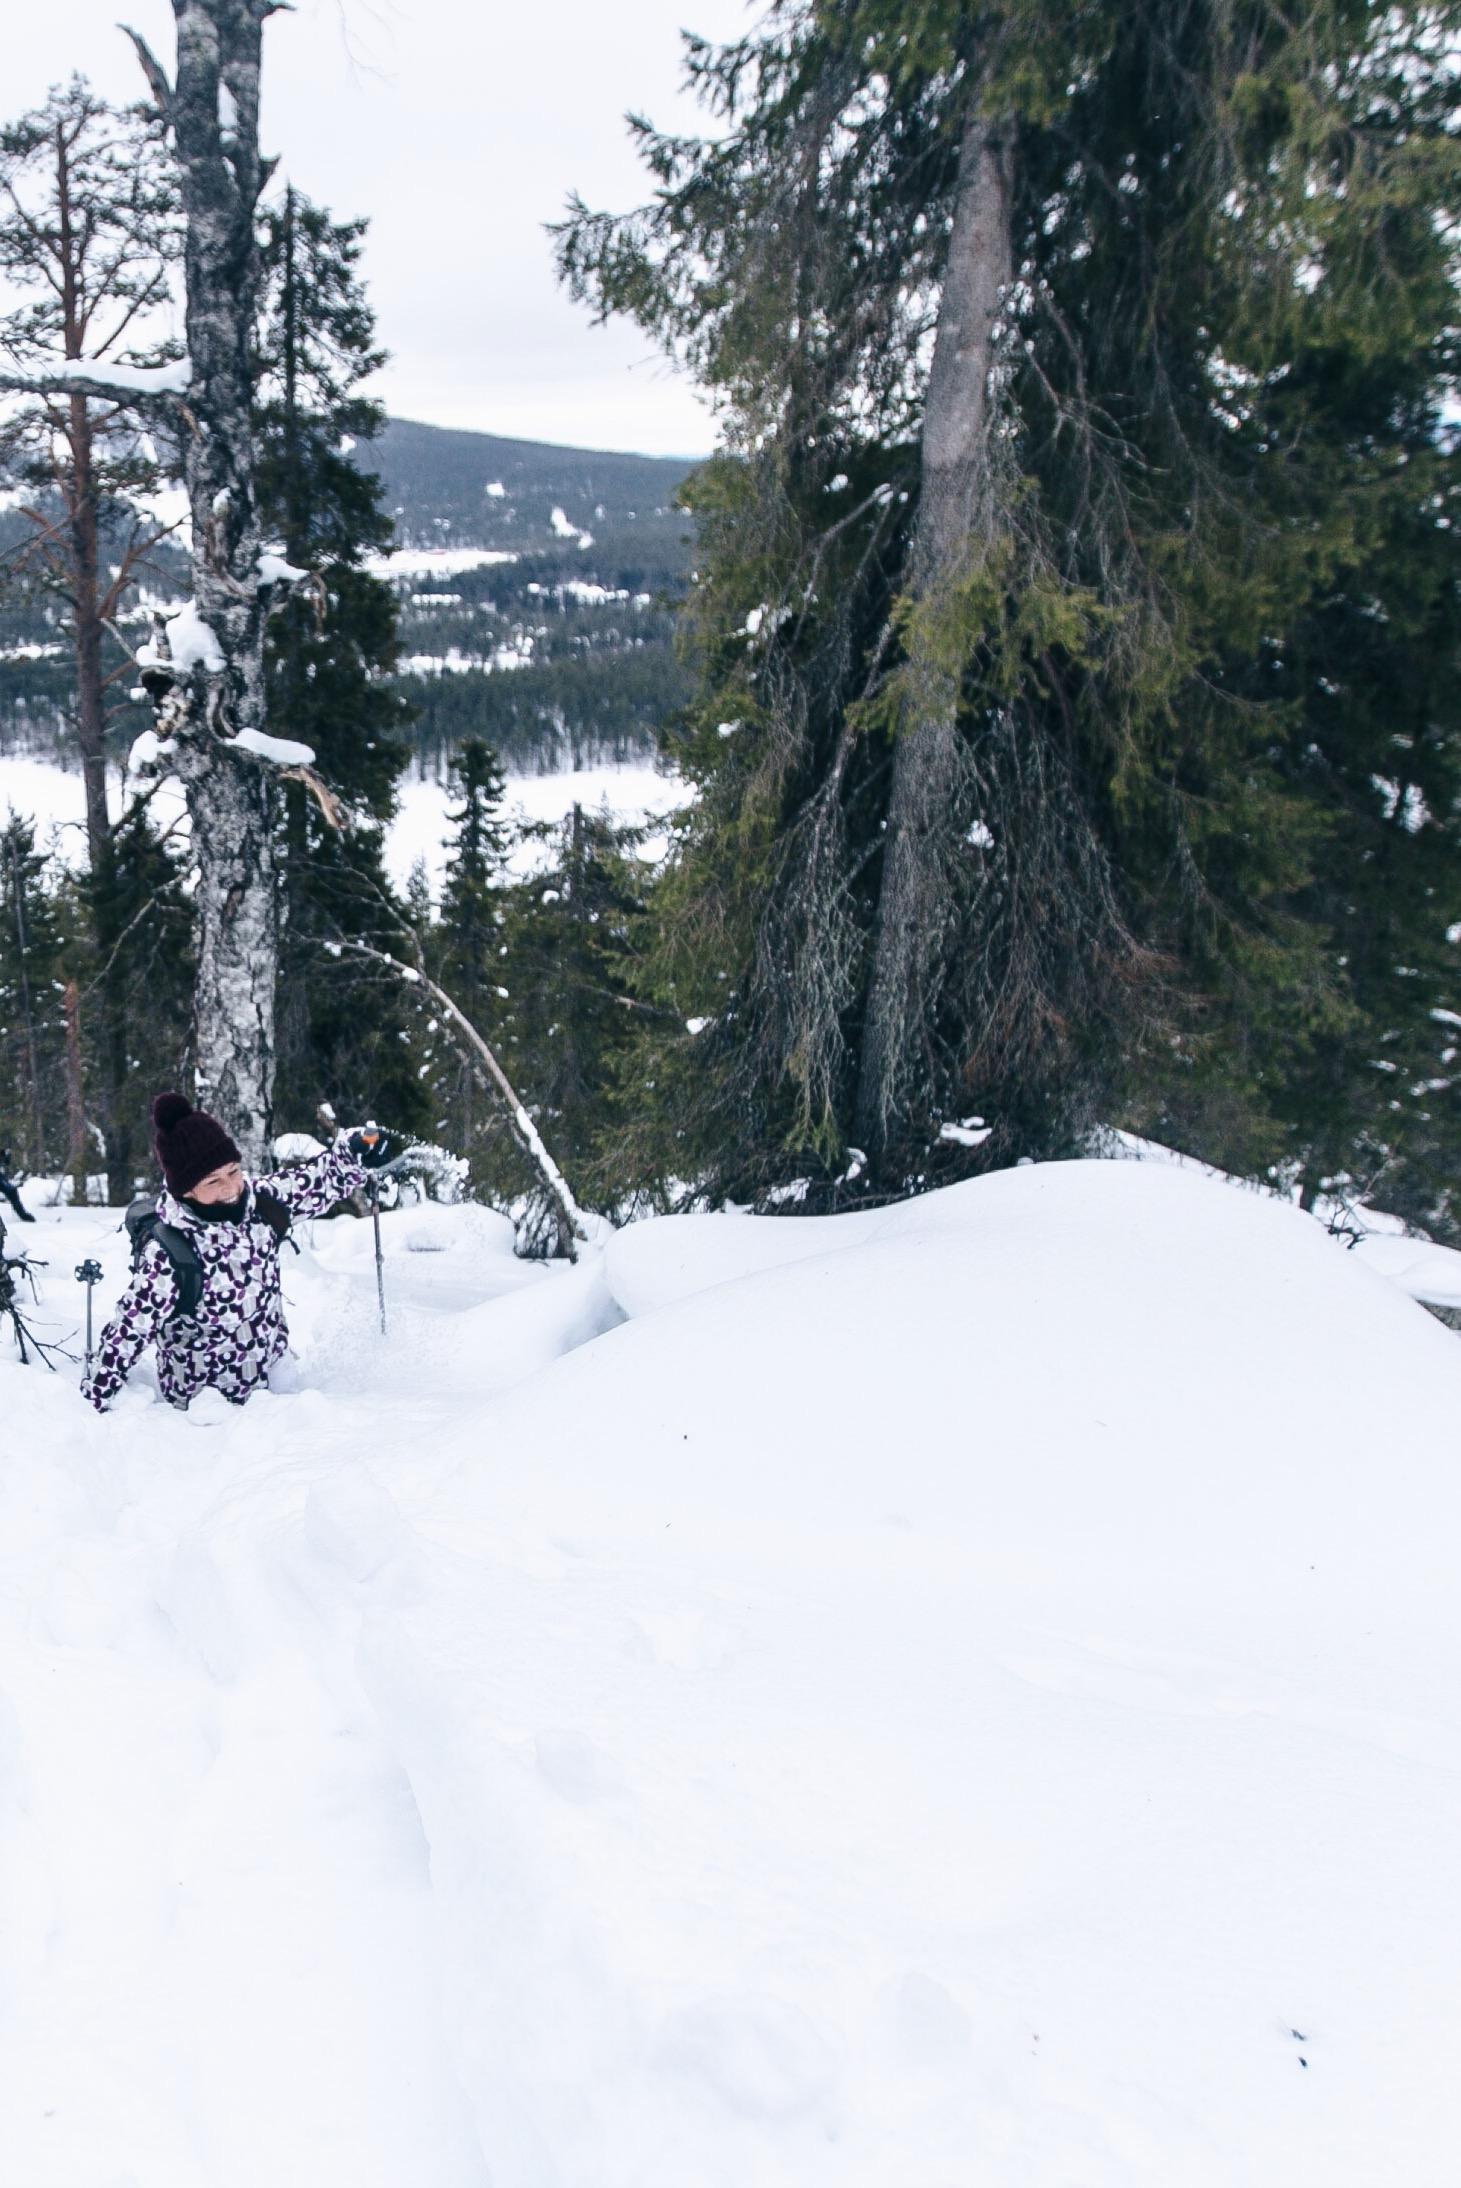 schneeschuhwandern in Levi, Lappland, Finnland